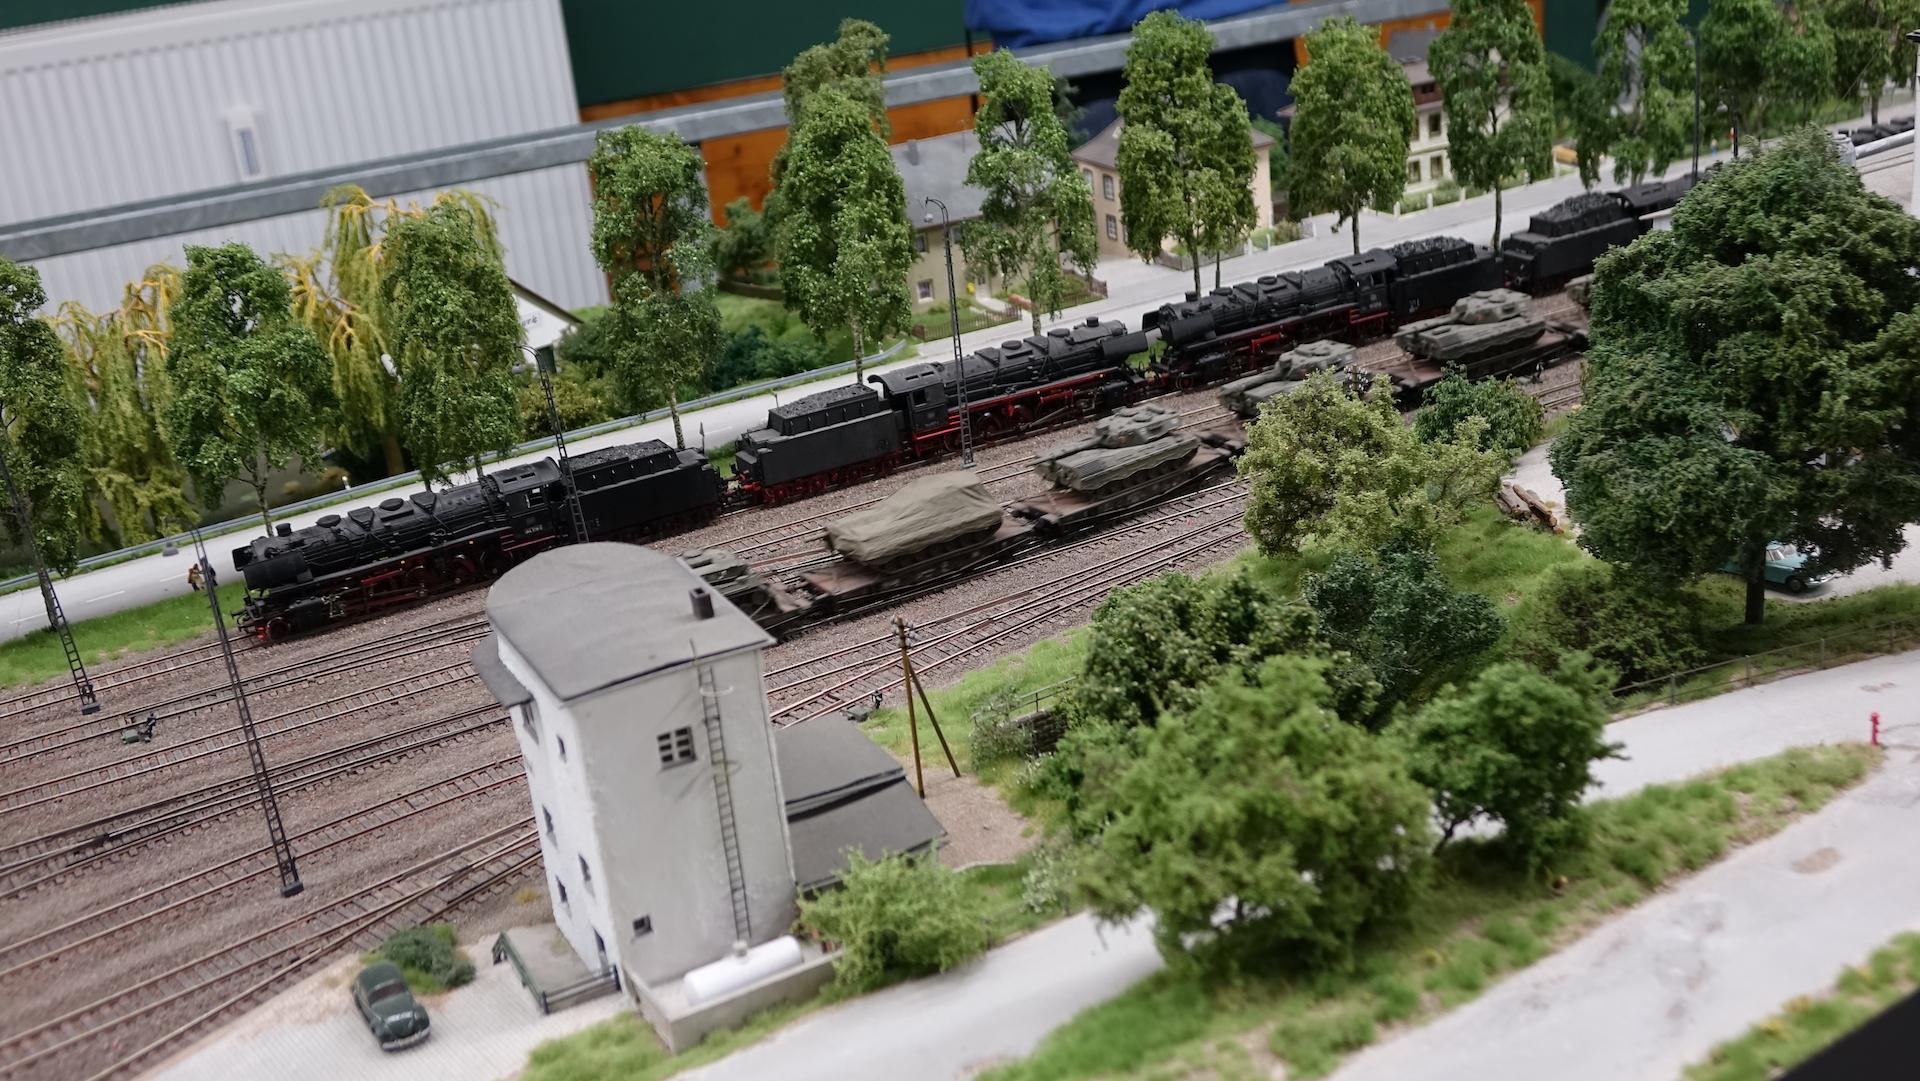 17_06_04_Modellbundesbahn_016